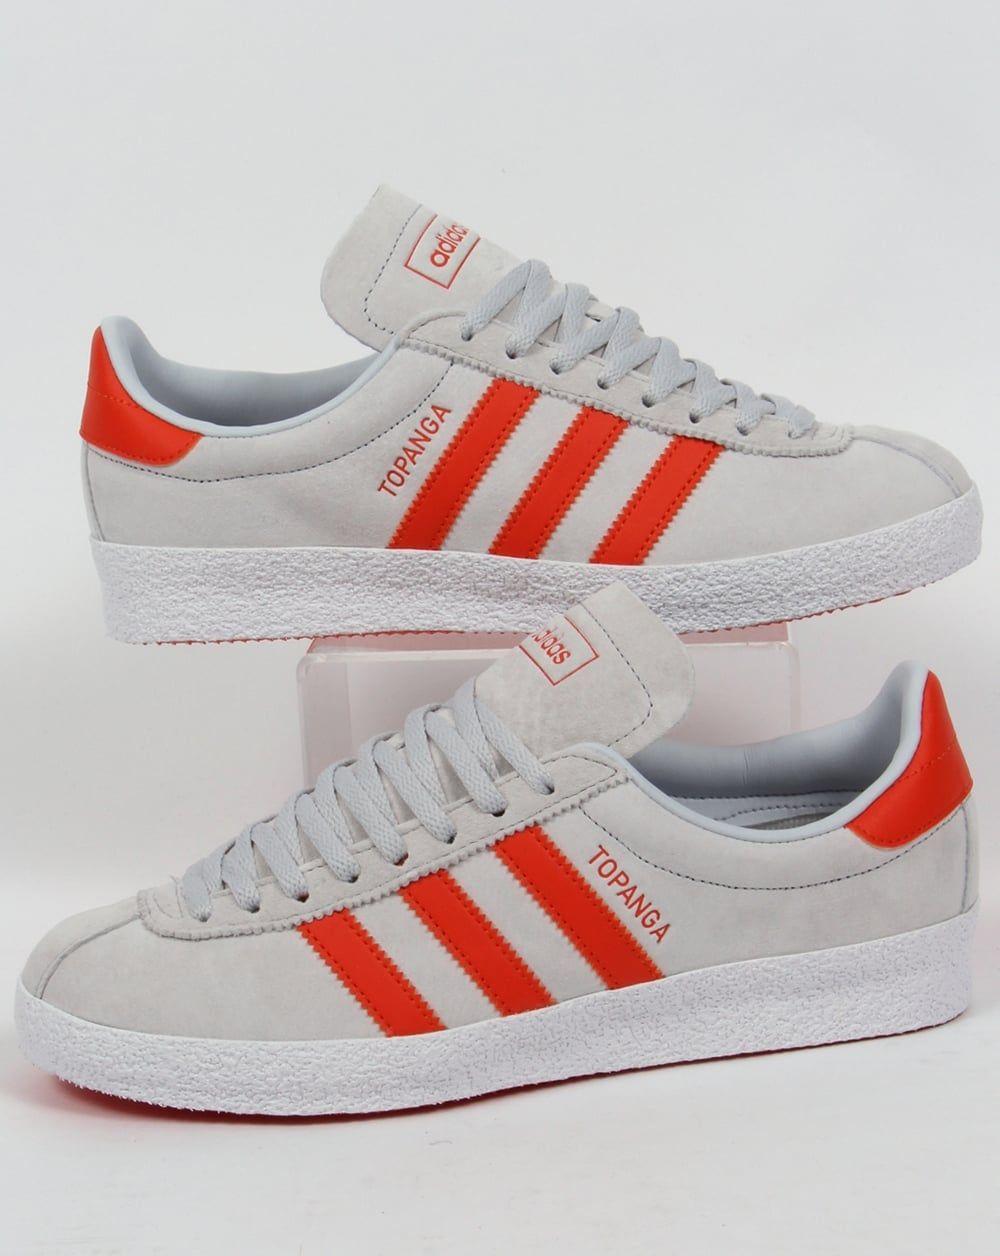 basket adidas montant femme nouvelle collection adidas chaussures les chaussures pour femme (Adidas Ronan)